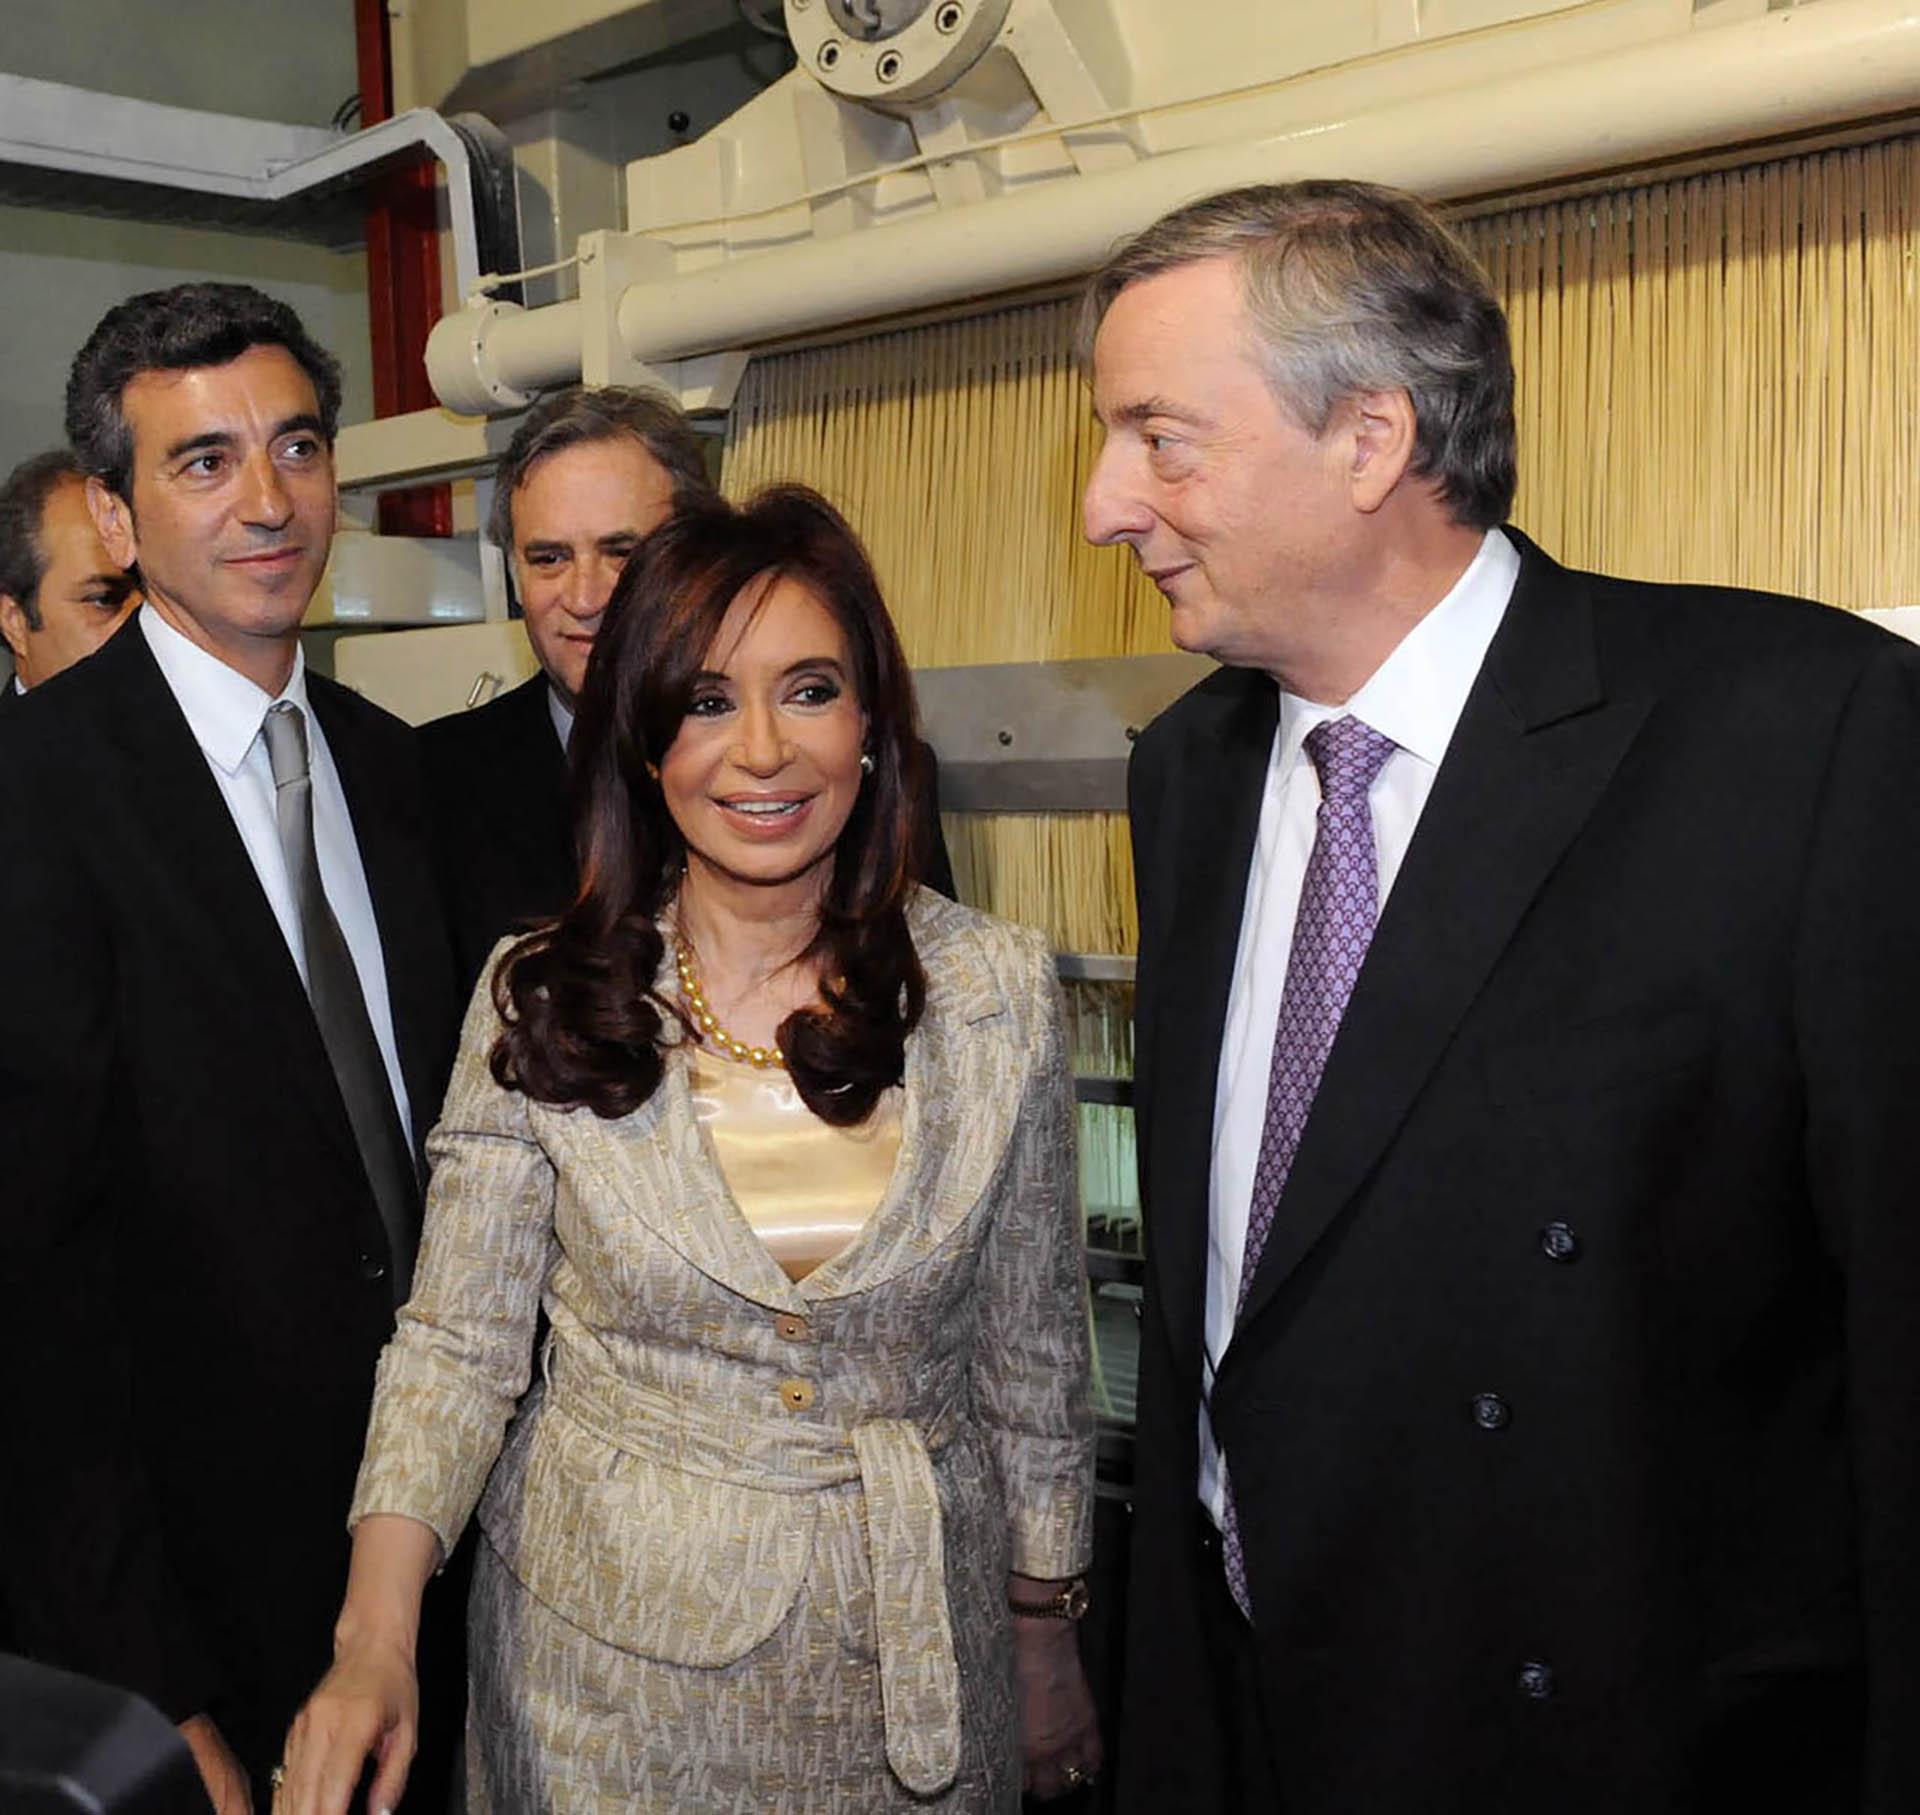 La presidenta Cristina Fernández de Kirchner junto al ex presidente Néstor Kirchner y el ministro Florencio Randazzo durante la última aparición pública en Chivilcoy